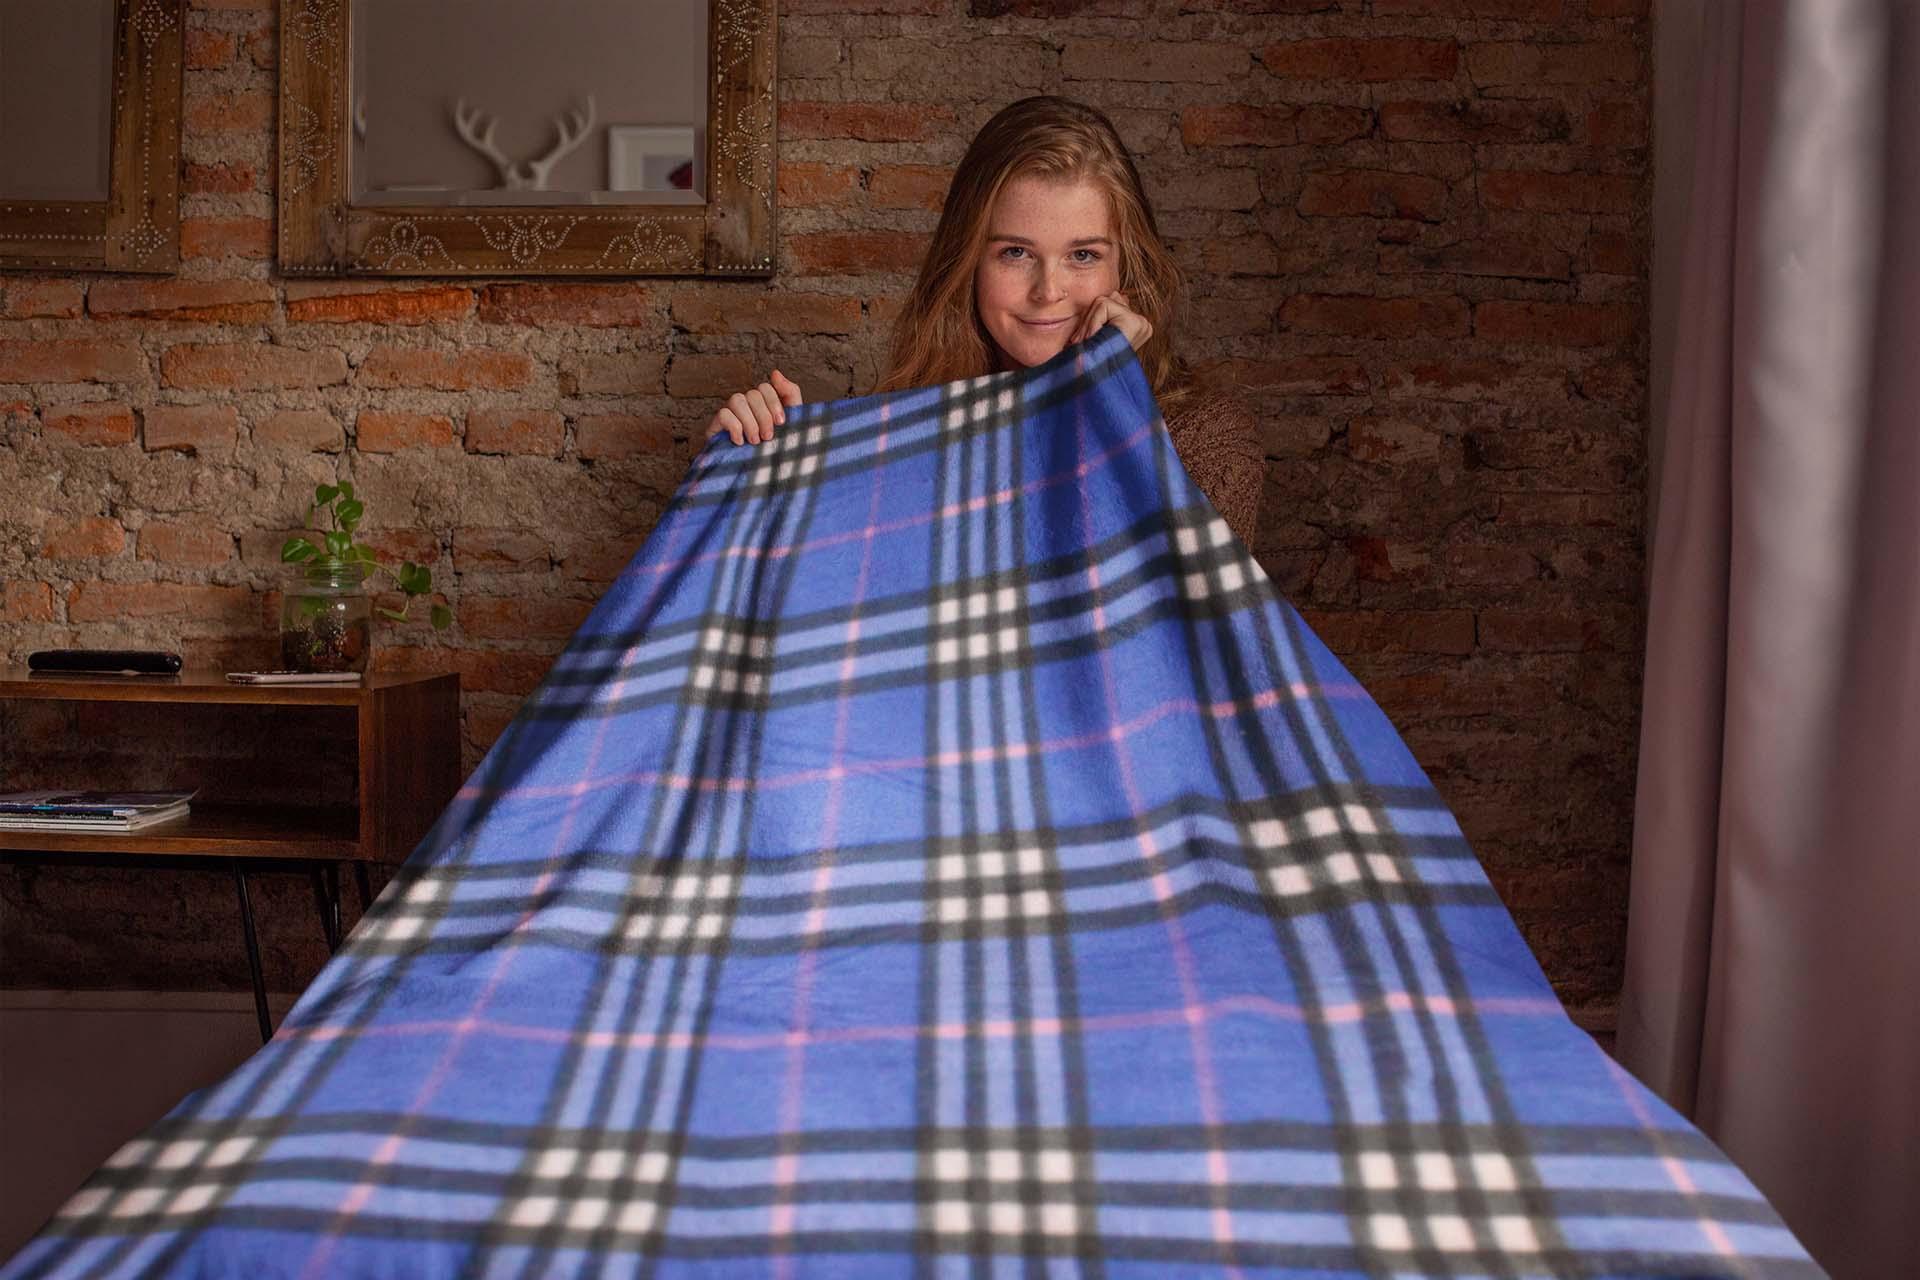 Už máte svoji deku na piknik?